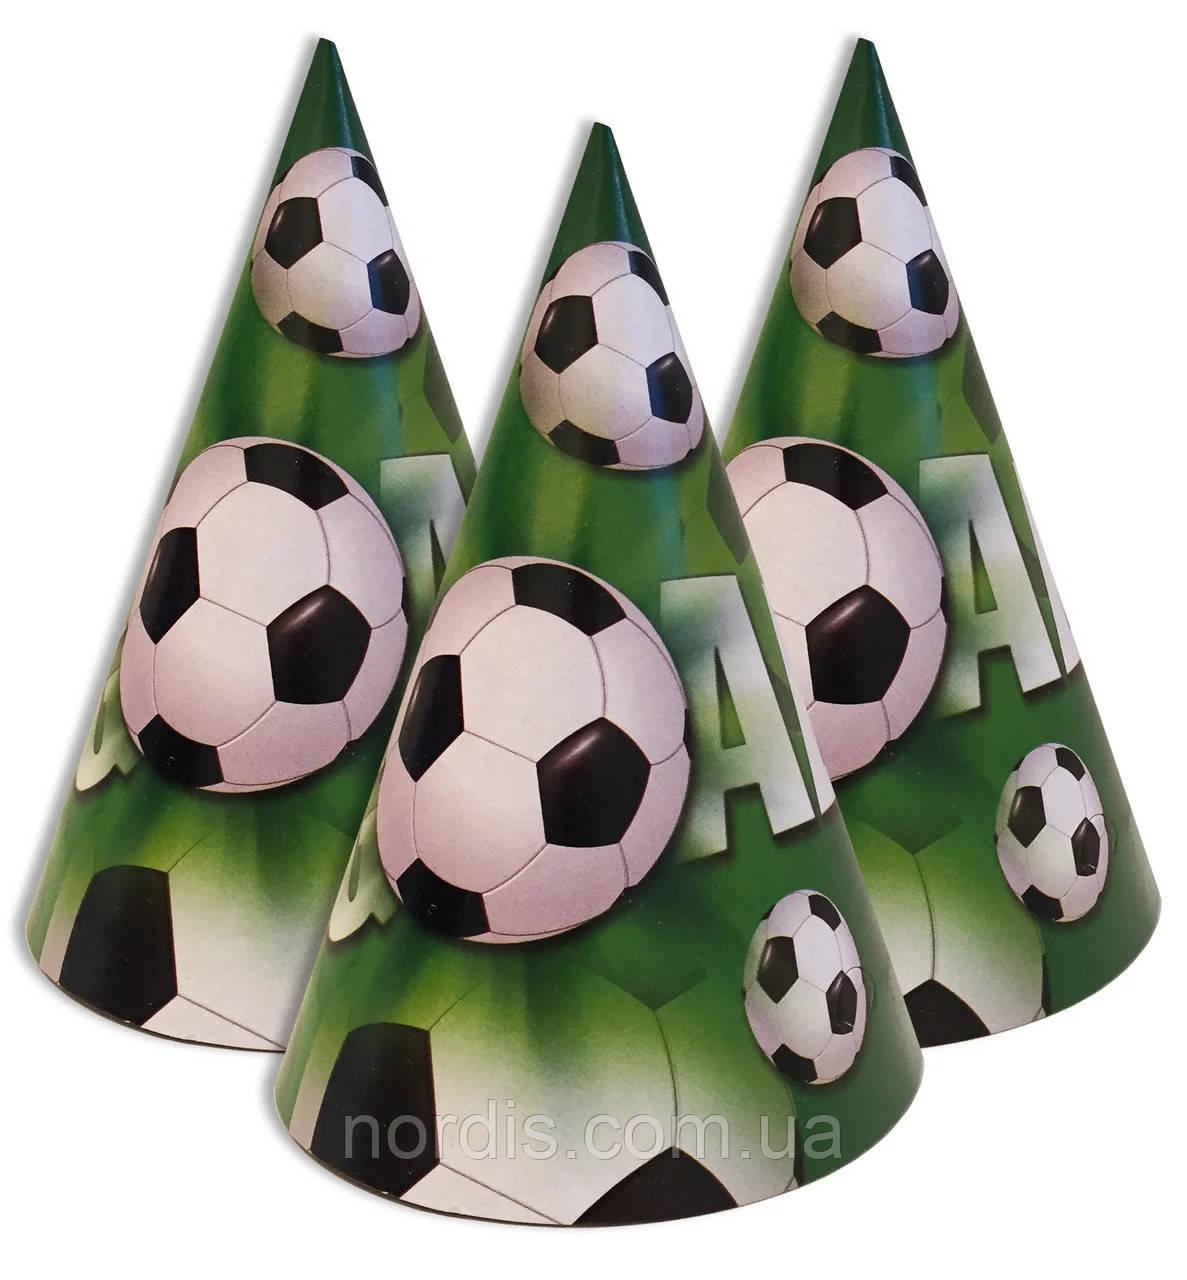 """Колпачки праздничные, маленькие """" Футбол"""",10 шт/уп."""